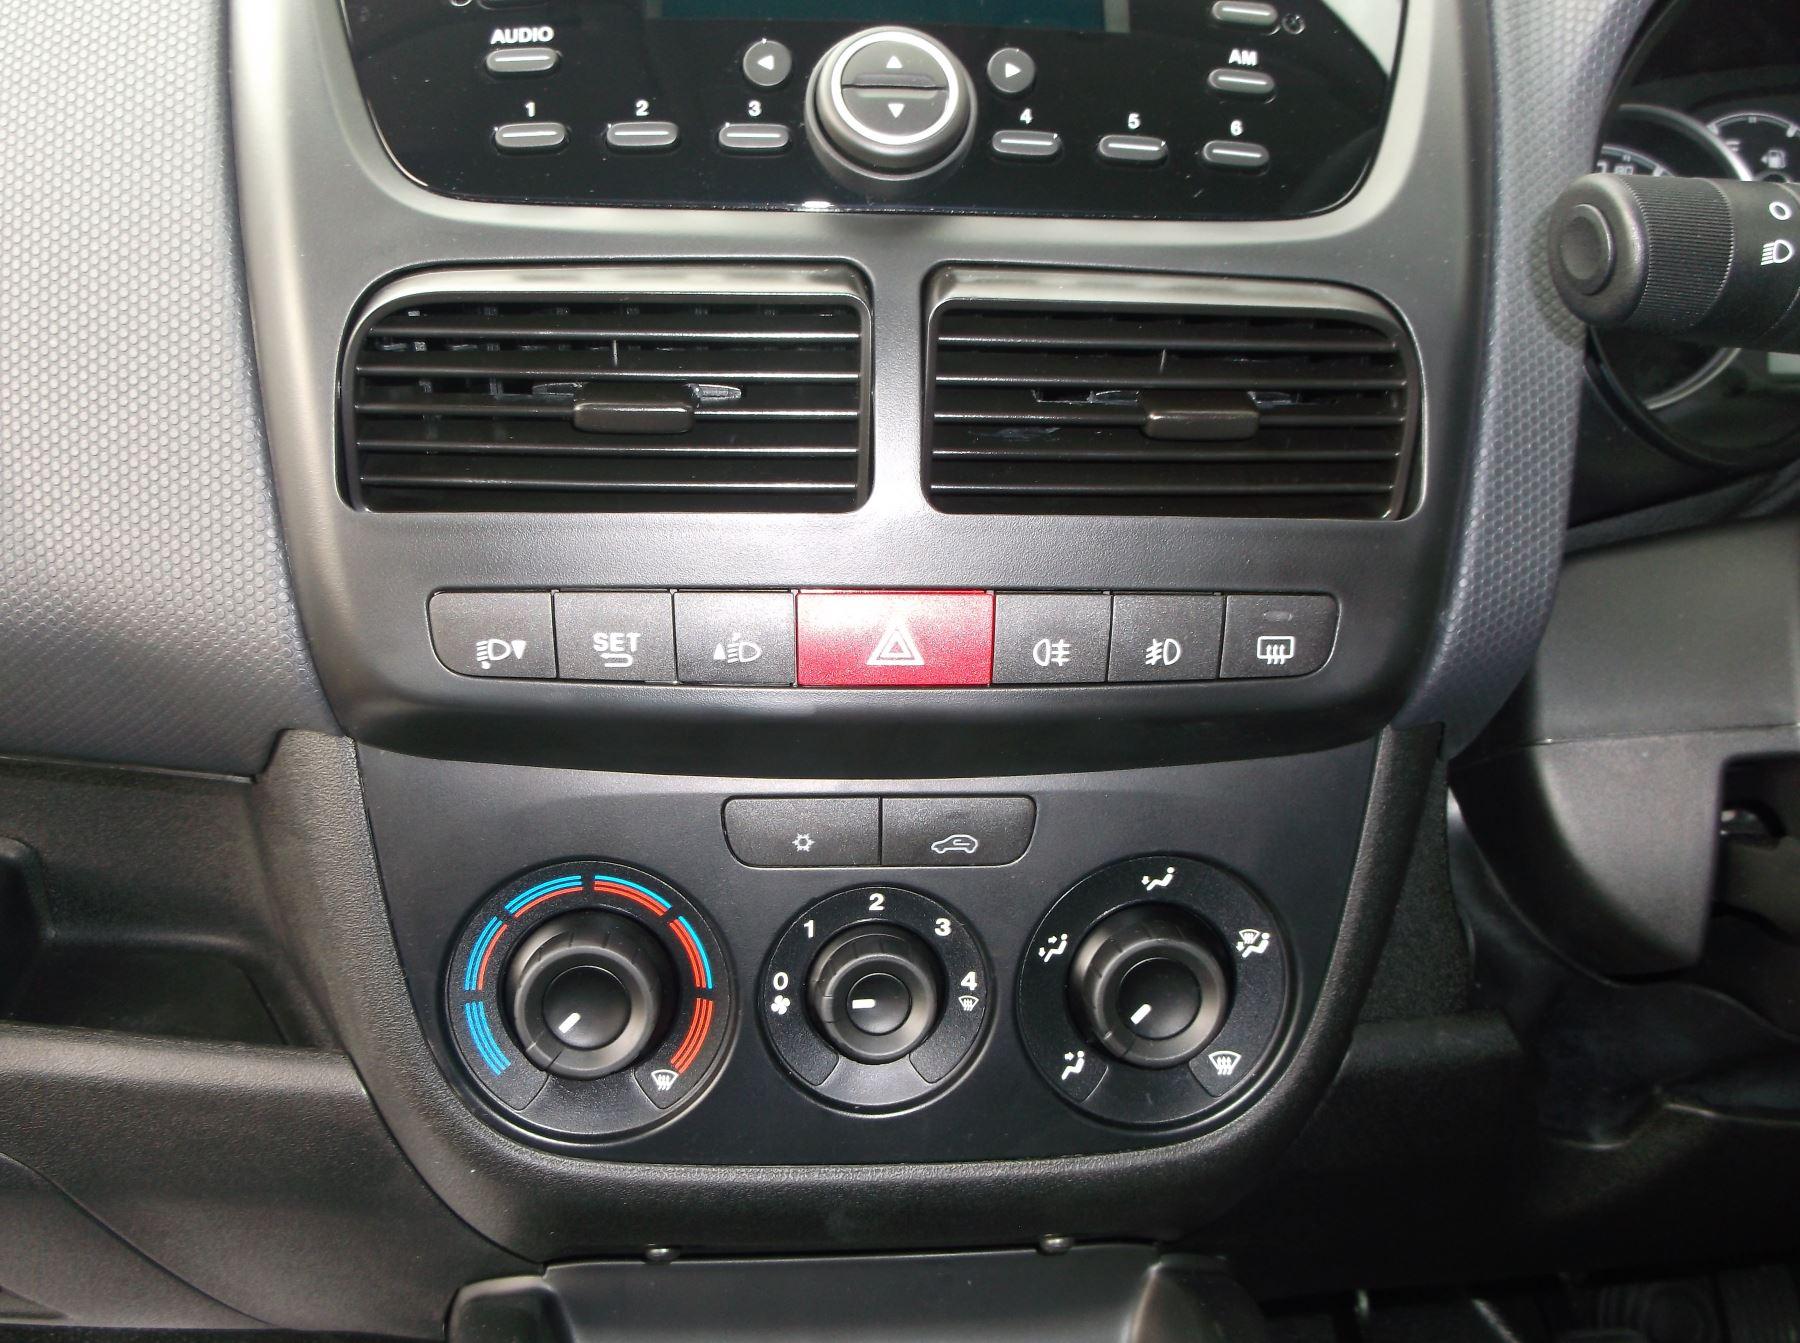 Fiat Doblo Cargo MAXI L2 DIESEL Multijet 16V Tecnico 1.6 105bhp   Aircon Cruise Rev sensors  Euro 6 image 9